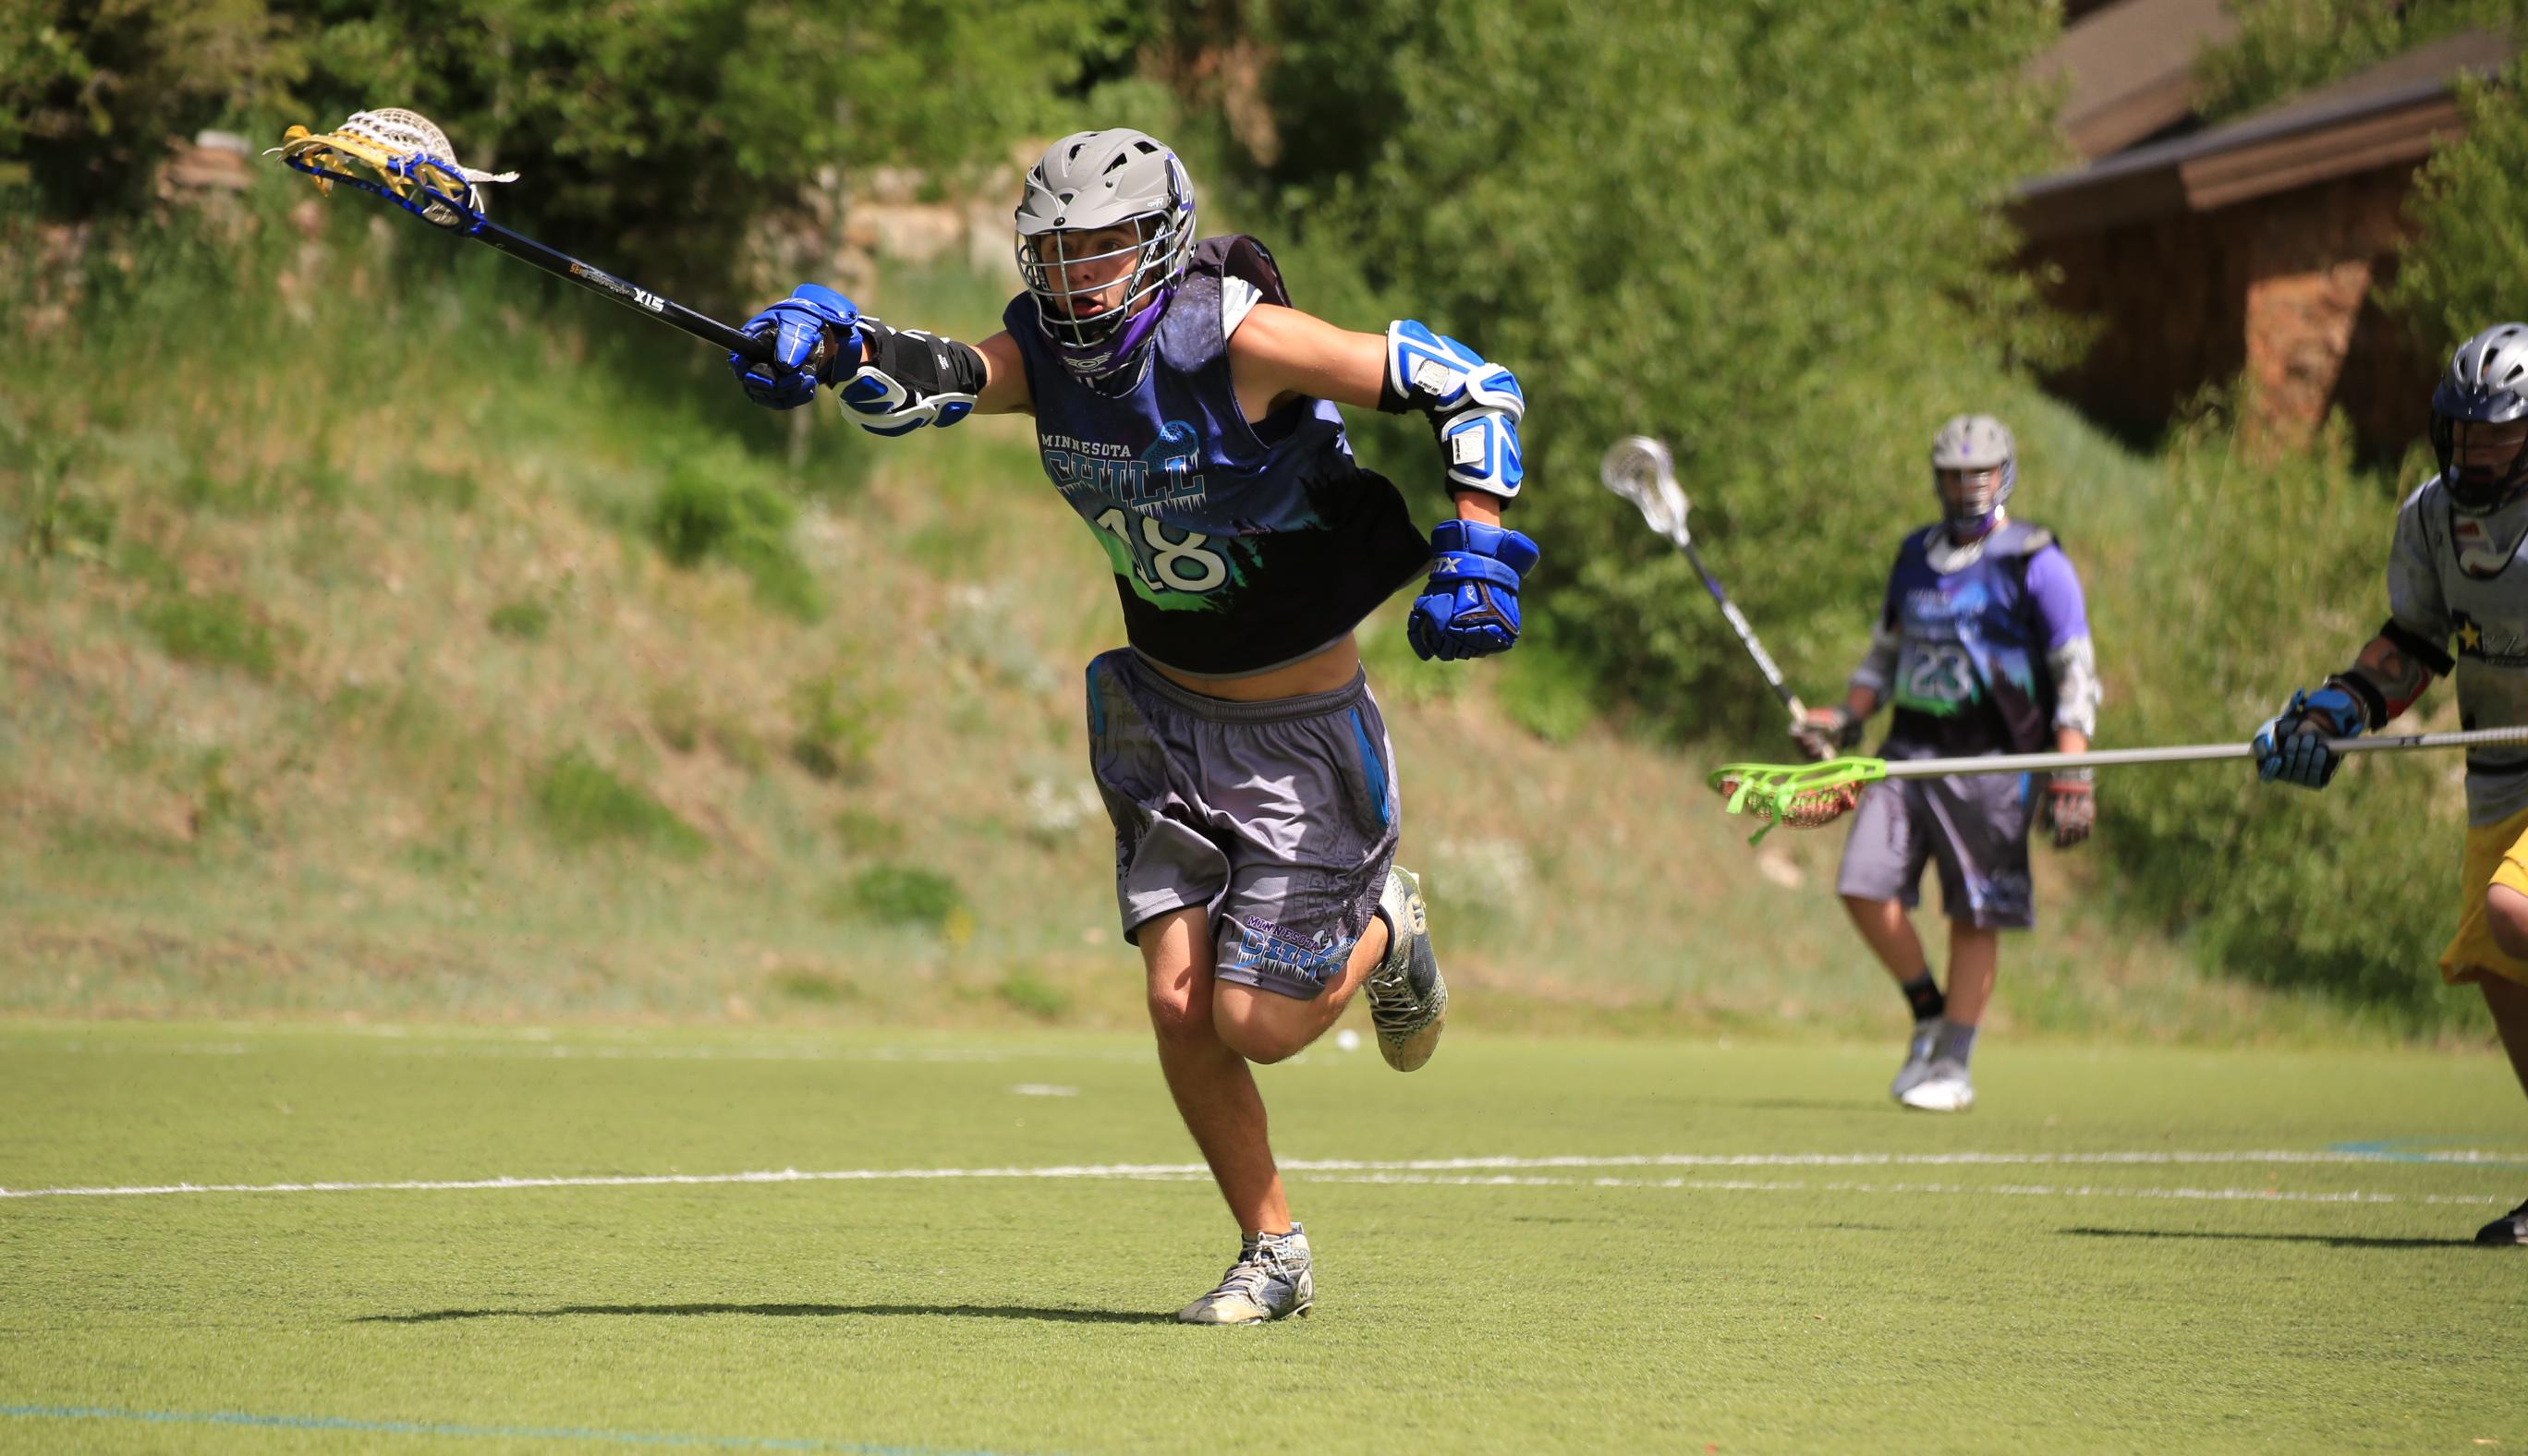 Warrior Vail Lacrosse Tournament